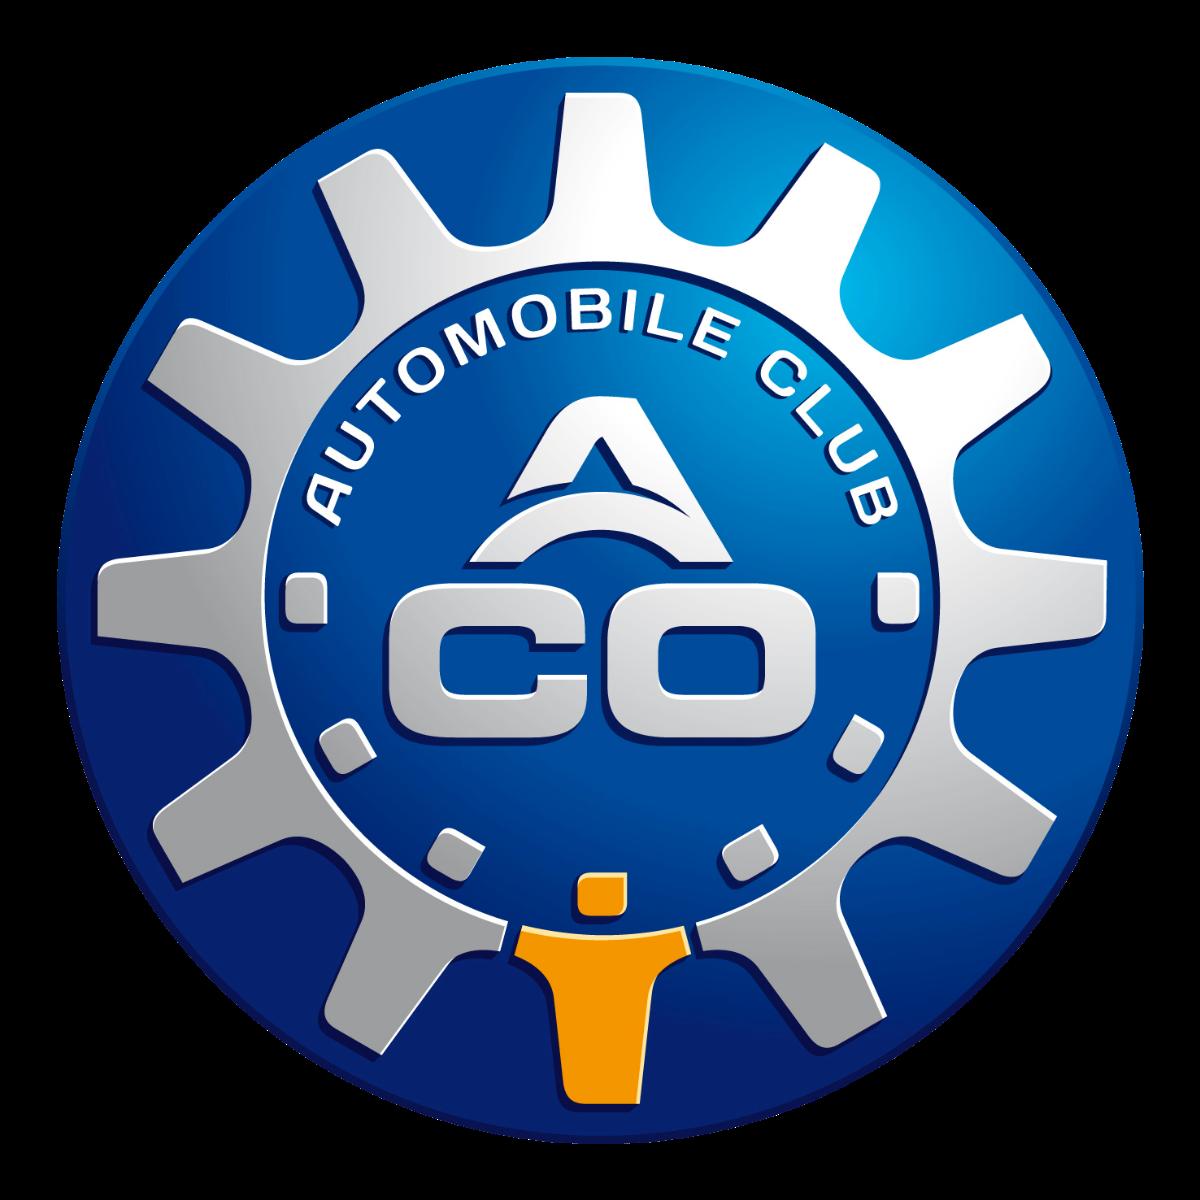 24h du Mans : l'Automobile Club de l'Ouest (ACO) prépare son avenir 655557d3-59b6-4572-bfa9-3380e2a1b3db